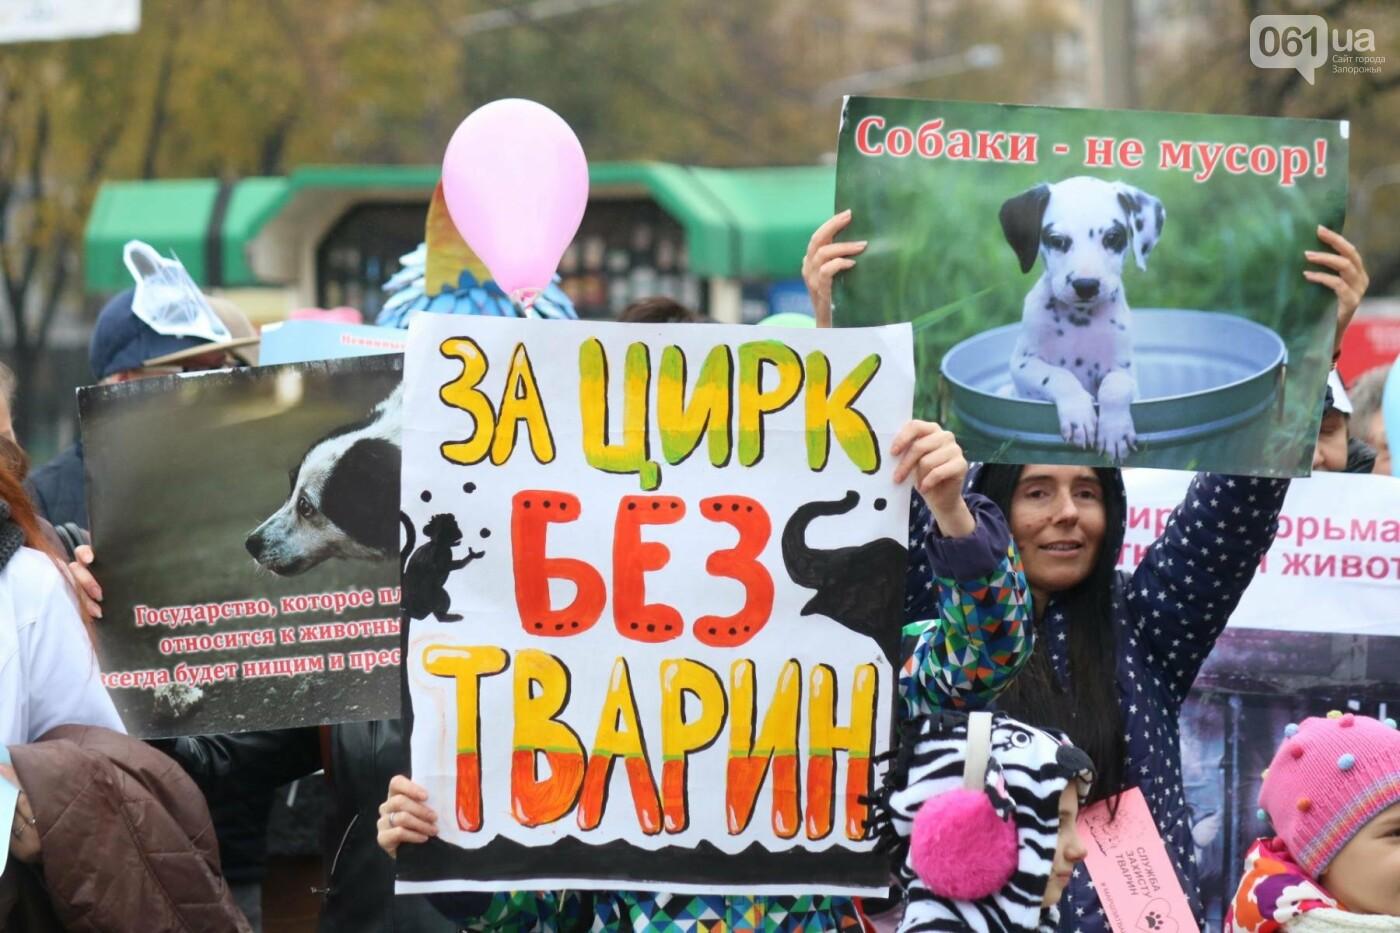 В Запорожье прошел марш за права животных, - ФОТОРЕПОРТАЖ, фото-19